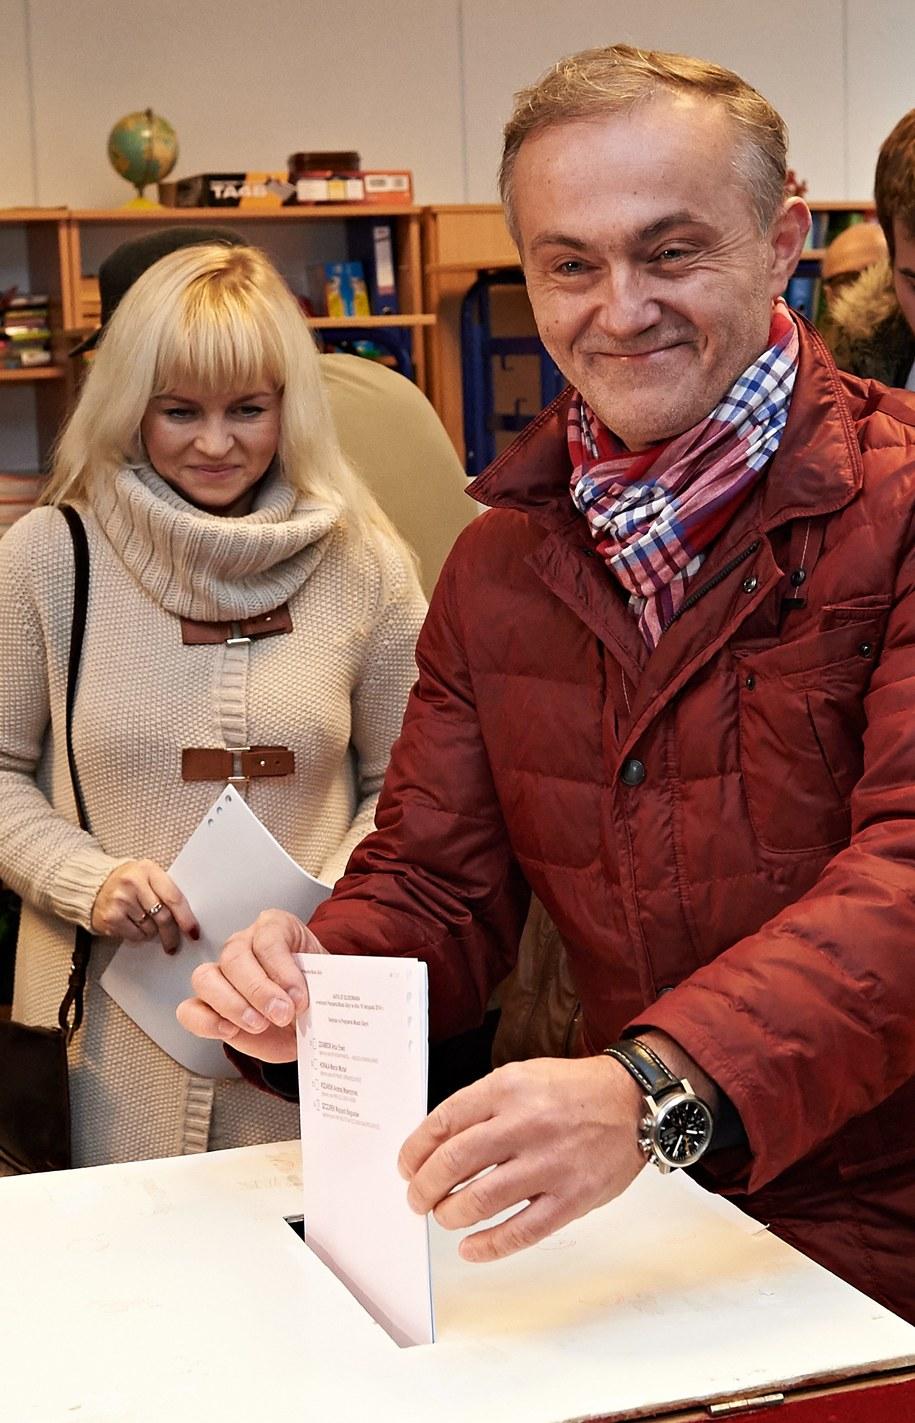 Prezydent Gdyni Wojciech Szczurek z żoną Barbarą głosują w lokalu wyborczym w Gdyni /Adam Warżawa /PAP